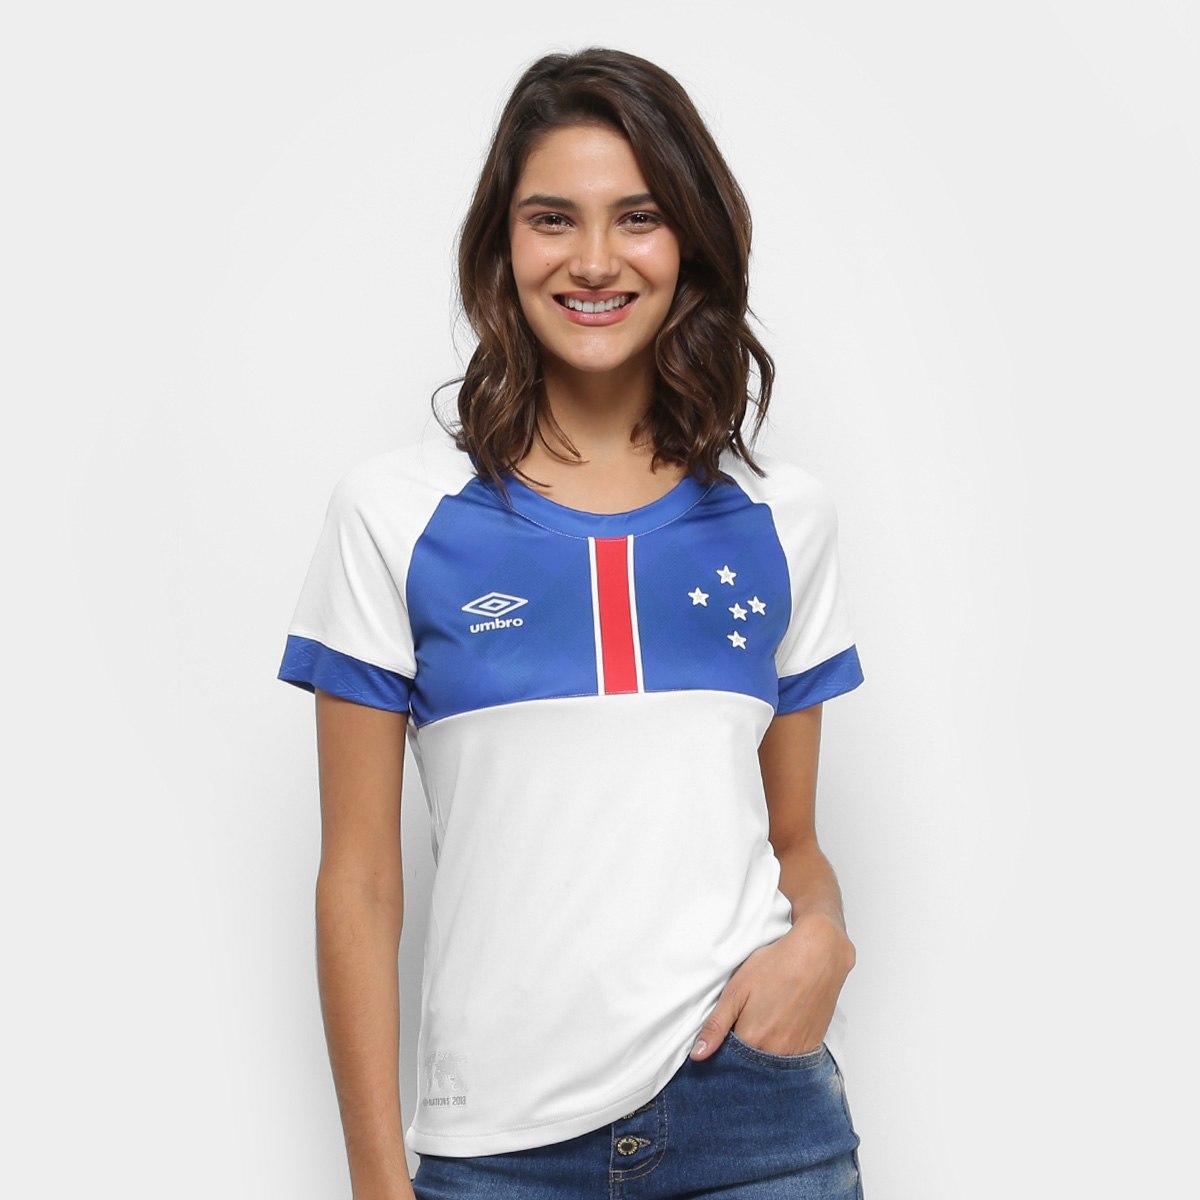 e5999009e2 Camisa Cruzeiro 2018 II s n° Blár Vikingur - Torcedor Umbro Feminina -  Branco e Azul - Camarote do Torcedor